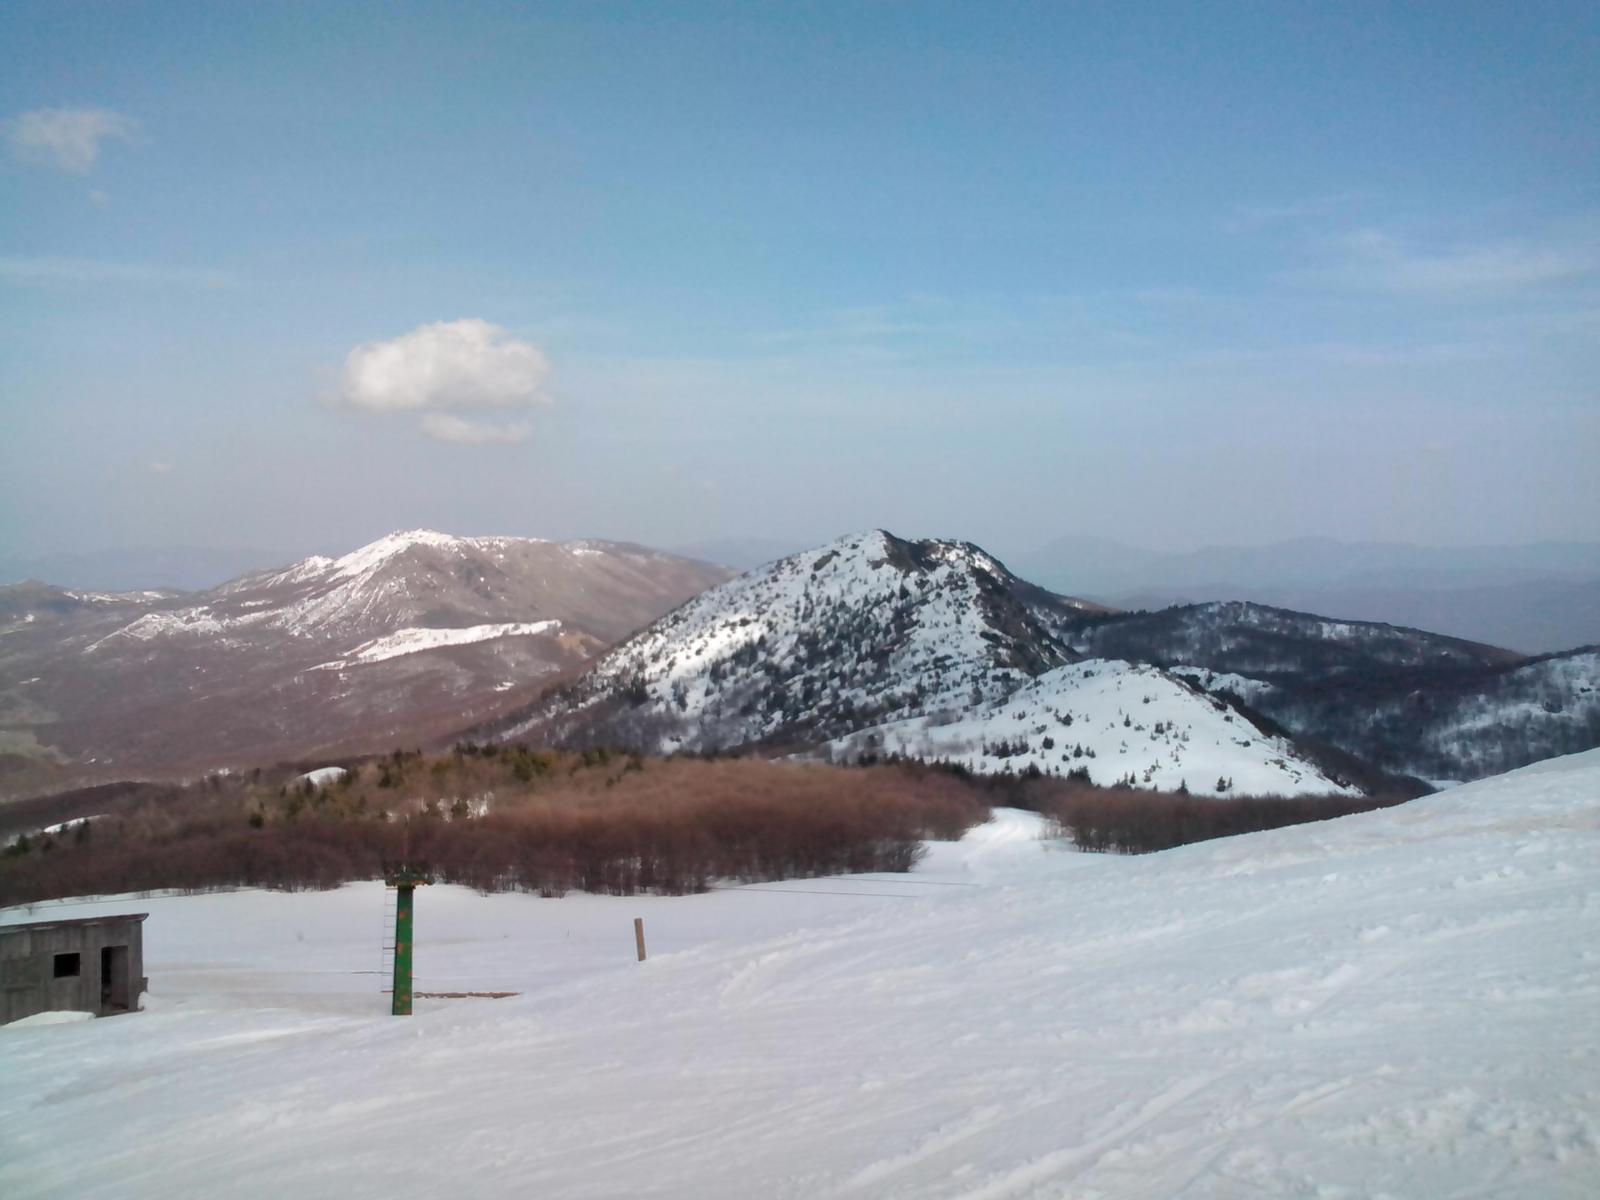 Il monte Nero visto dalla vetta del Bue, il percorso da seguire è evidente